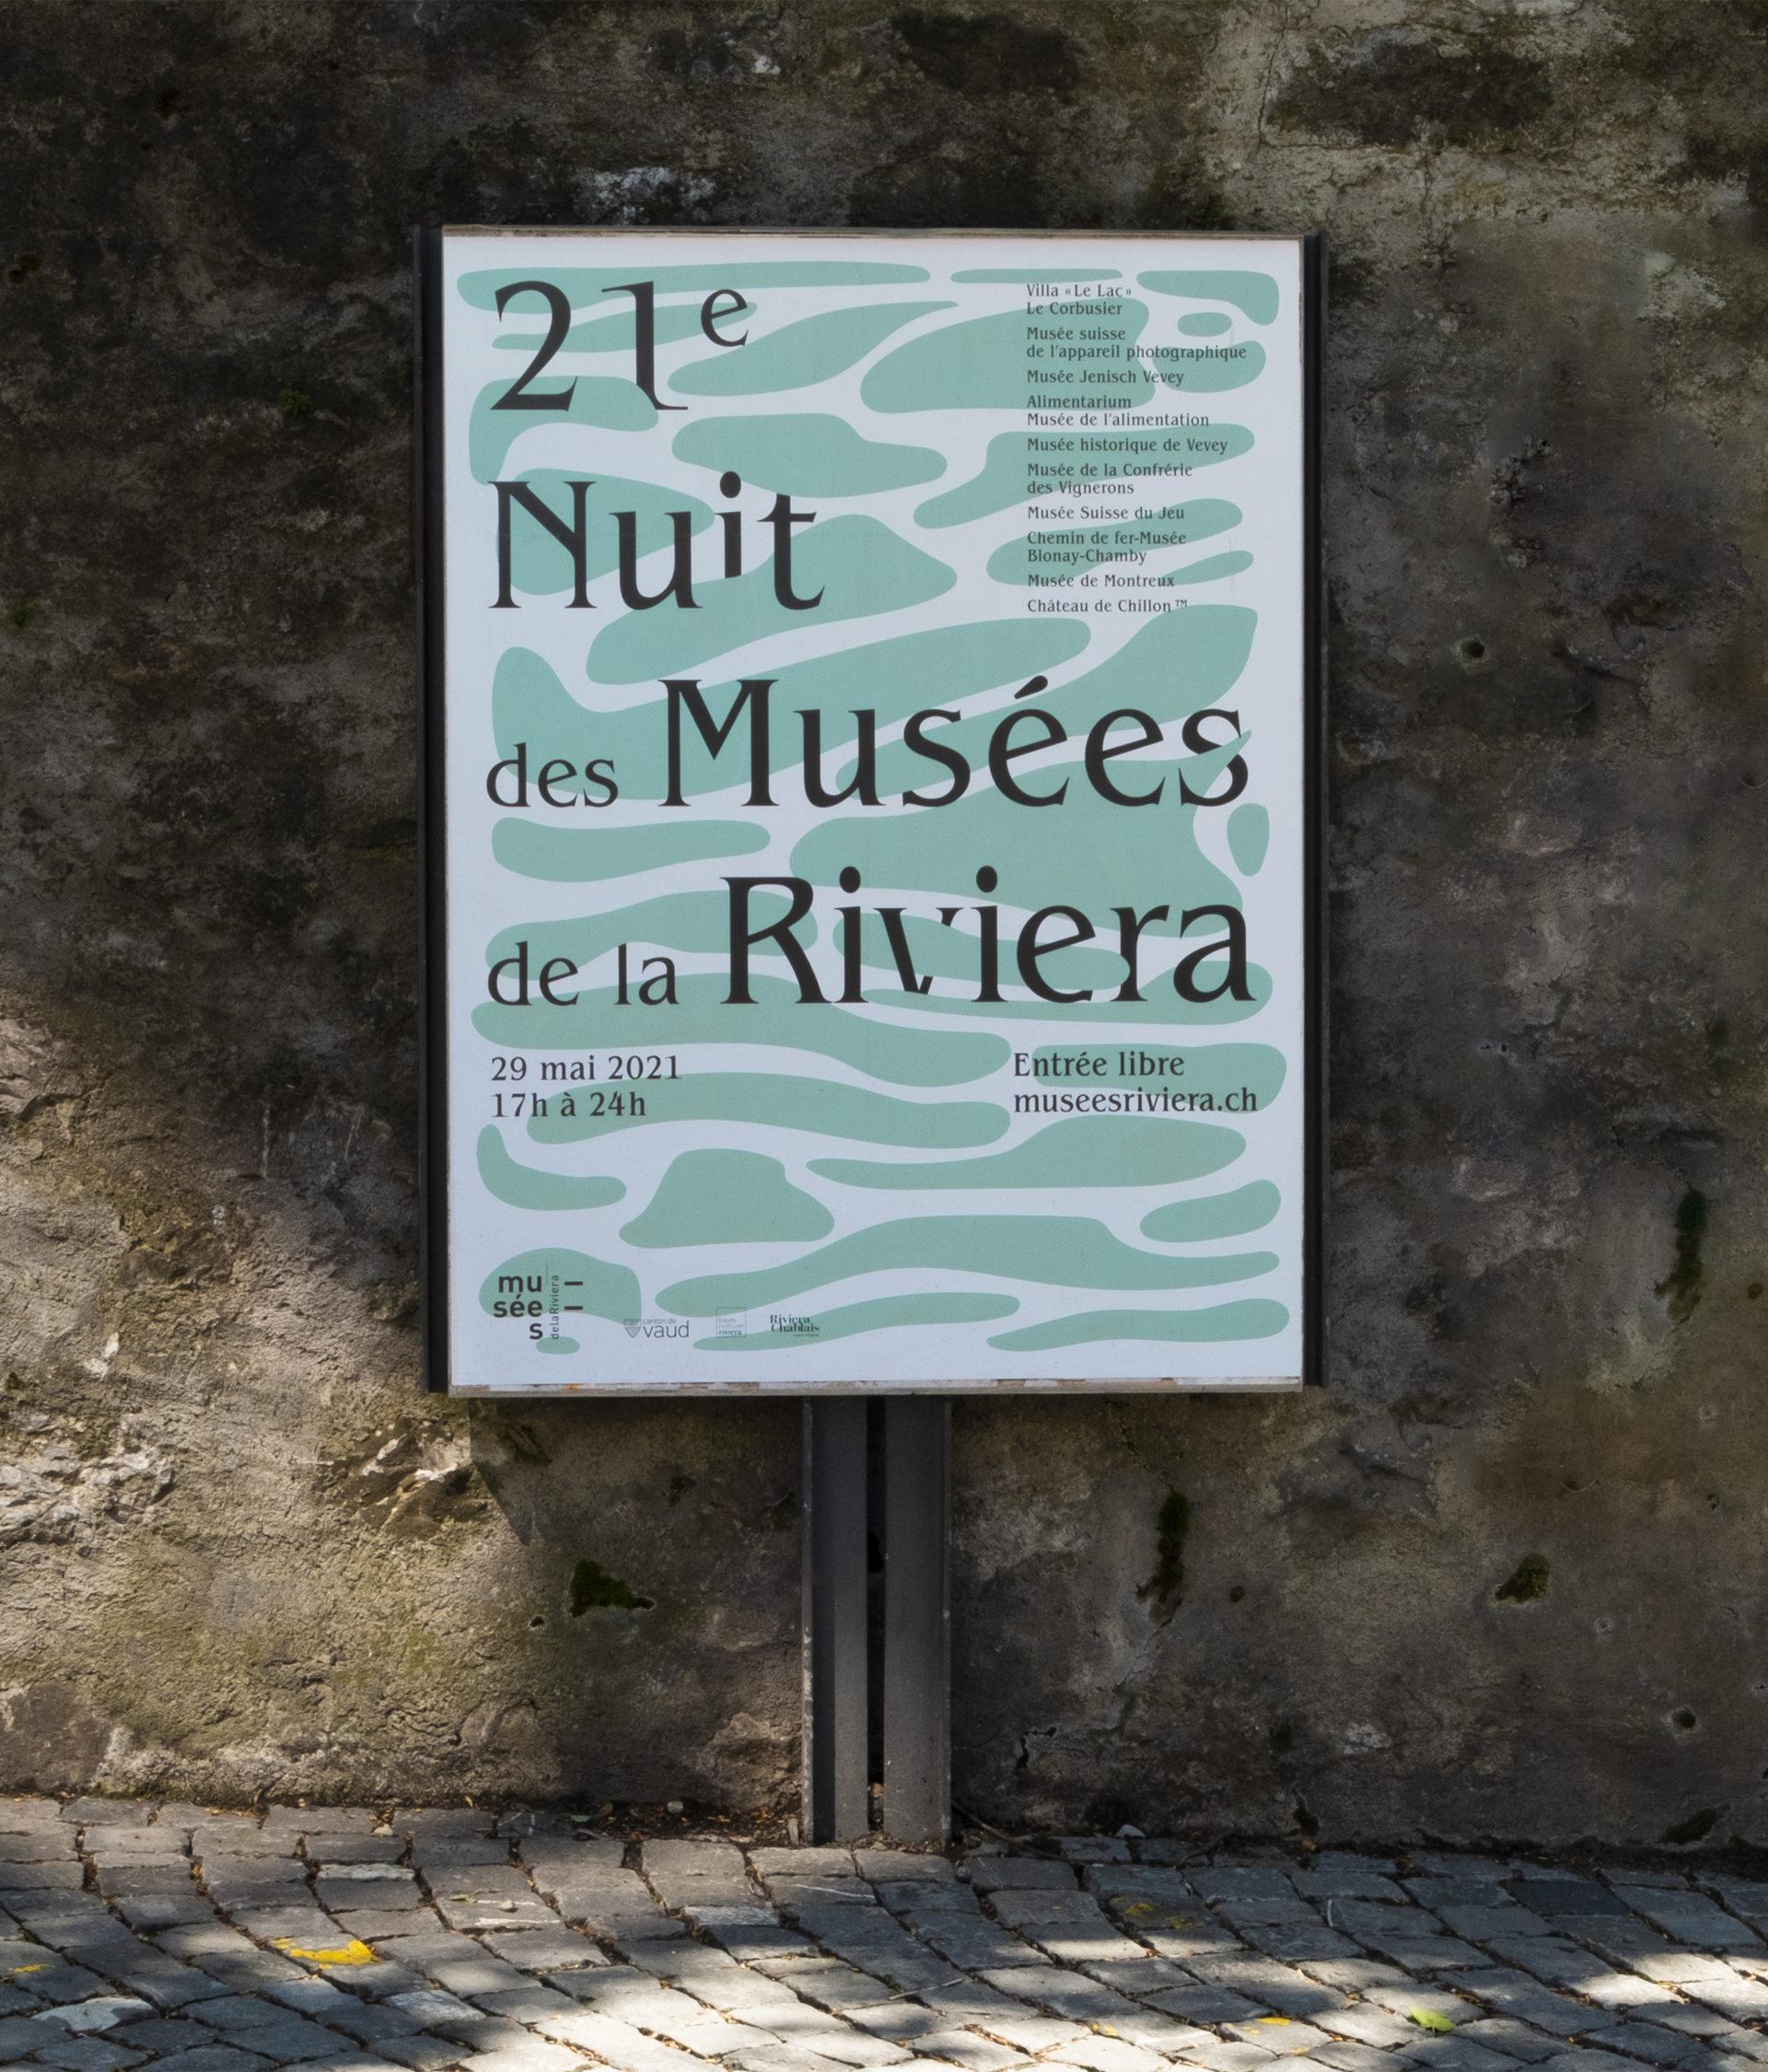 Nuit des Musées de la Riviera-Avalanche